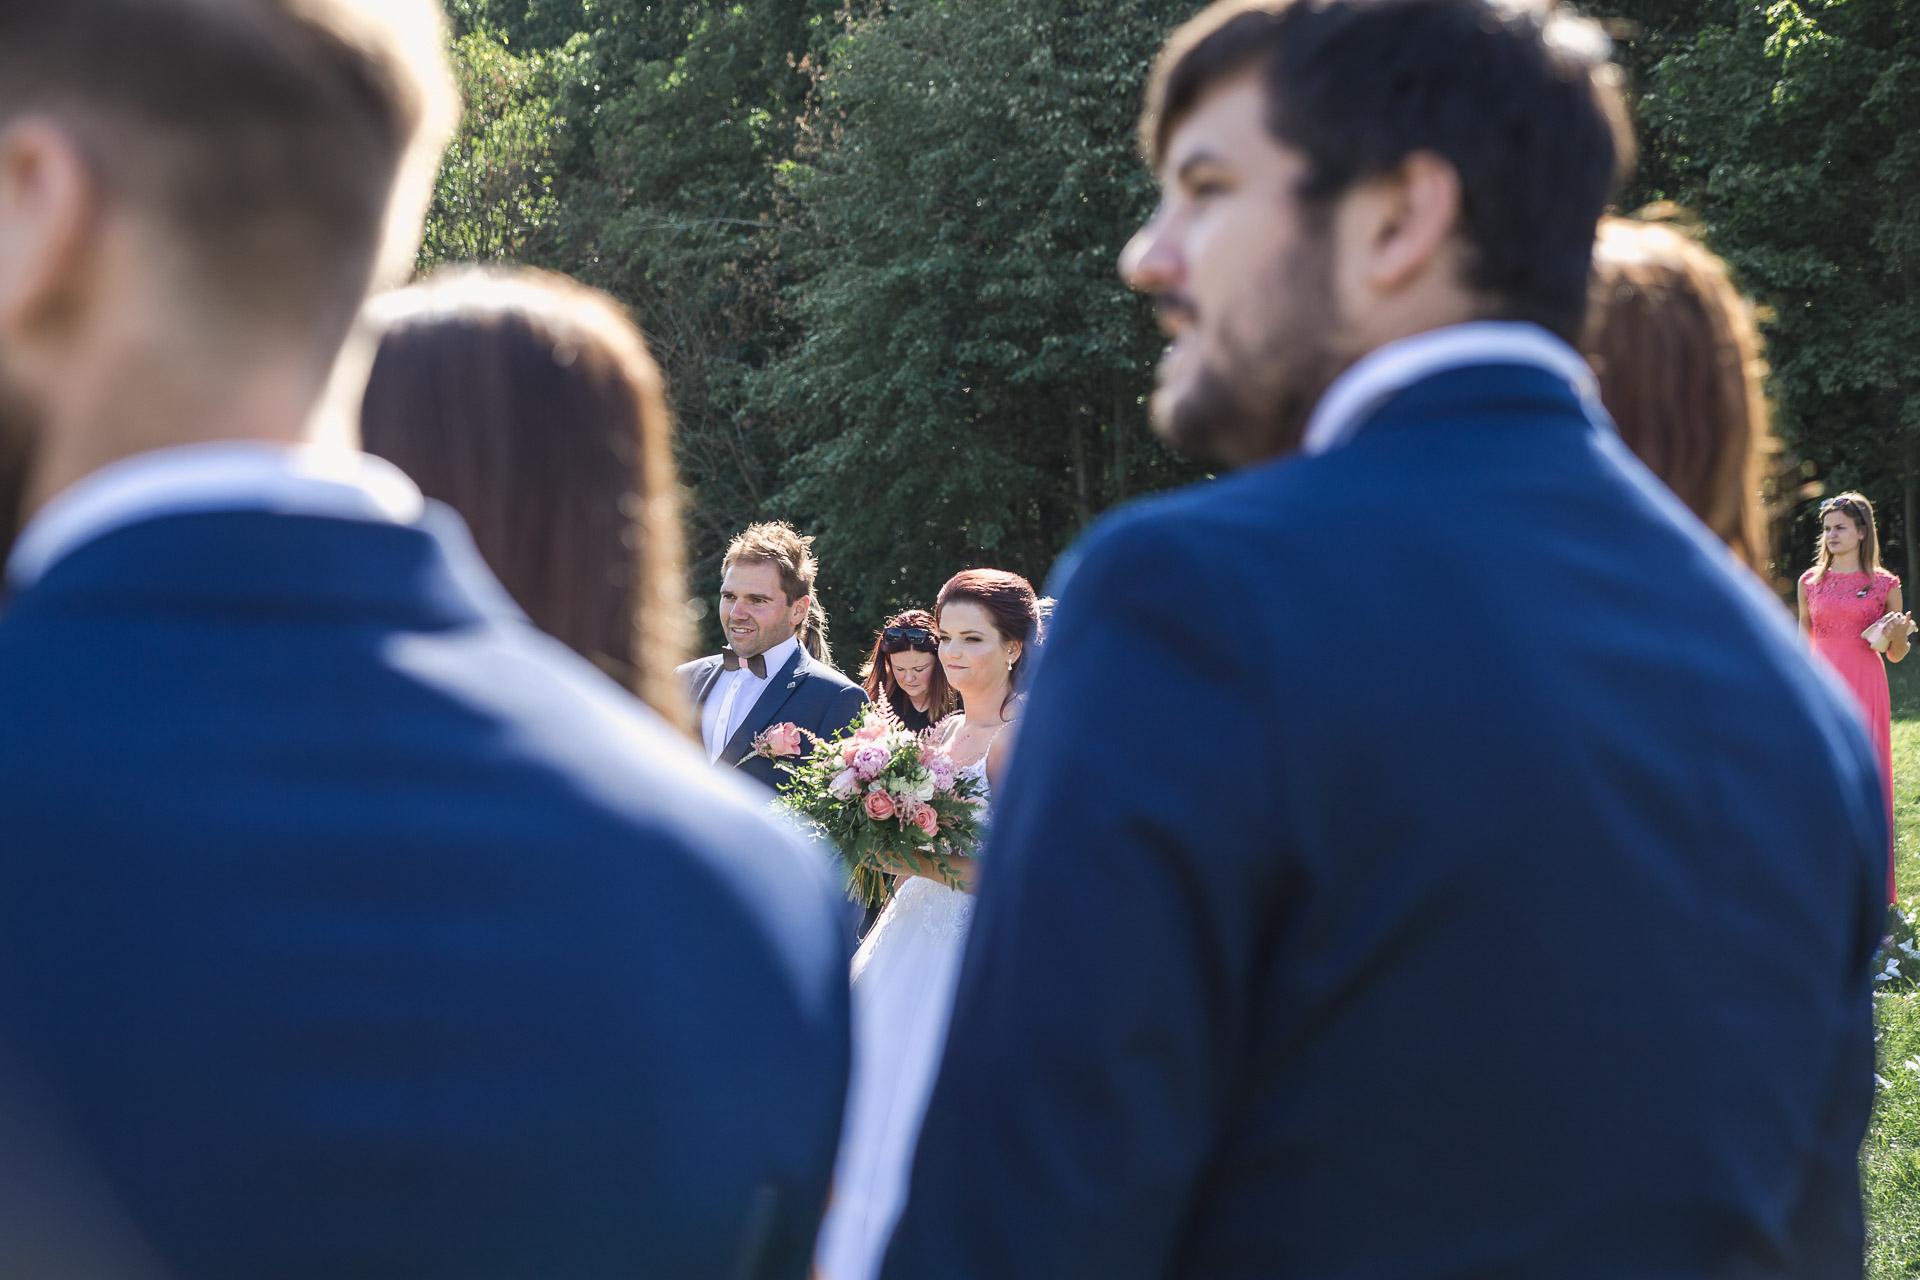 svatební-fotografie-Říp-svatební-video-ŘÍP-svatební-fotograf-ŘÍP-svatba-Mělník-svatba-Neratovice-fotograf-na-savtbu-kameraman-na-svatbu-160